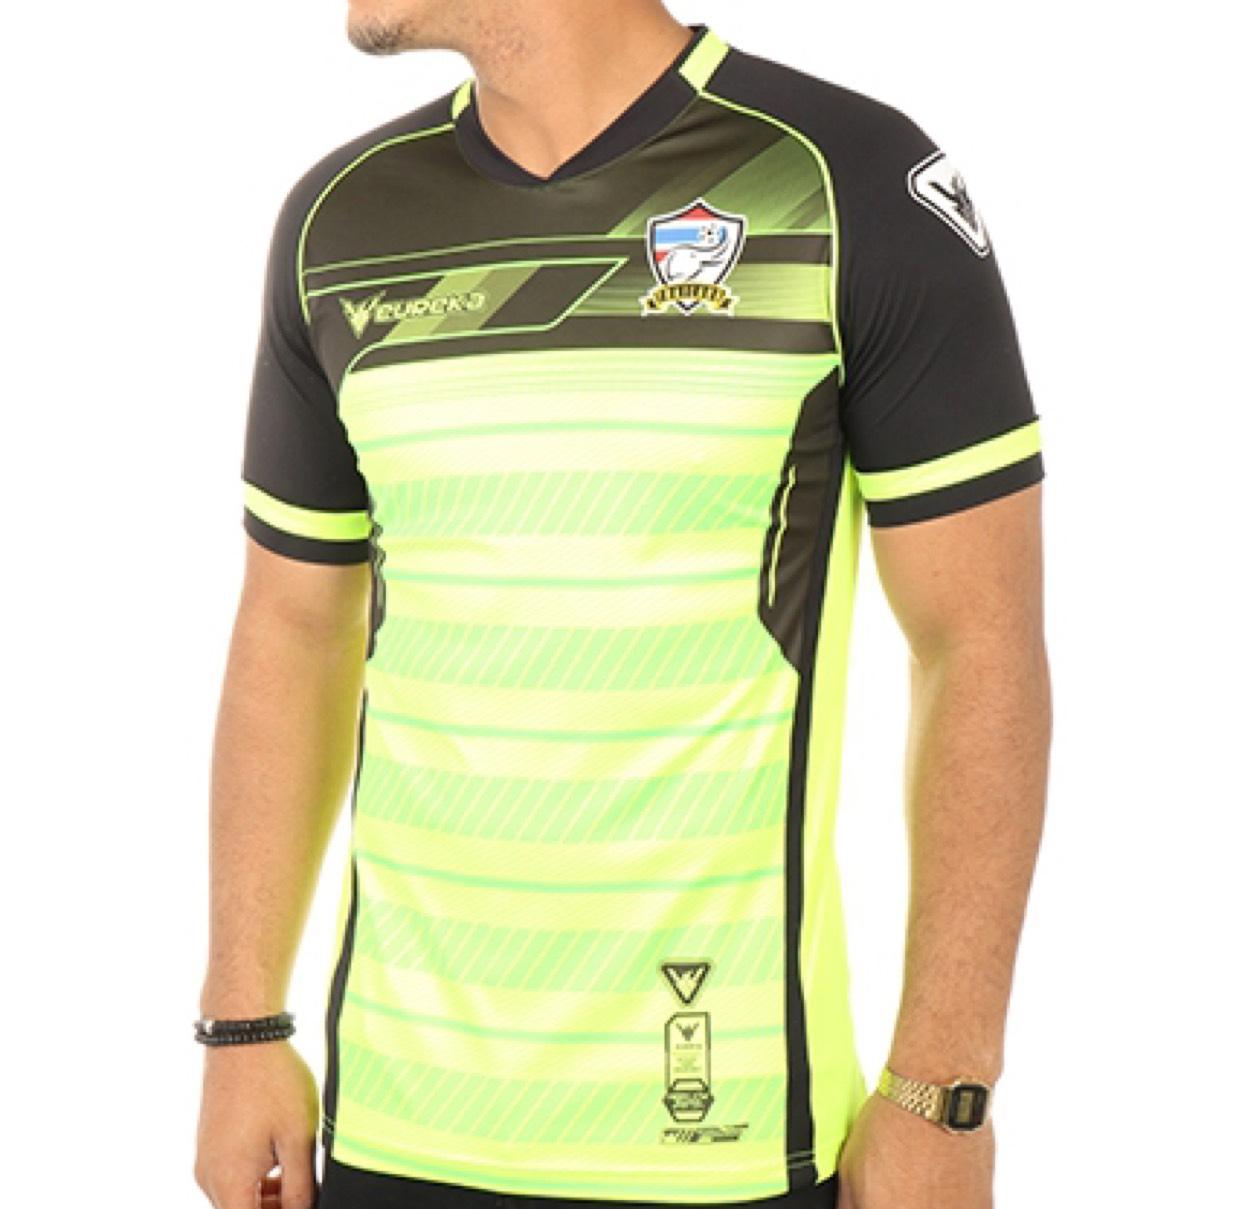 Maillot De Football Thailand A5017 Jaune Fluo Noir - Taille XL ou XXL